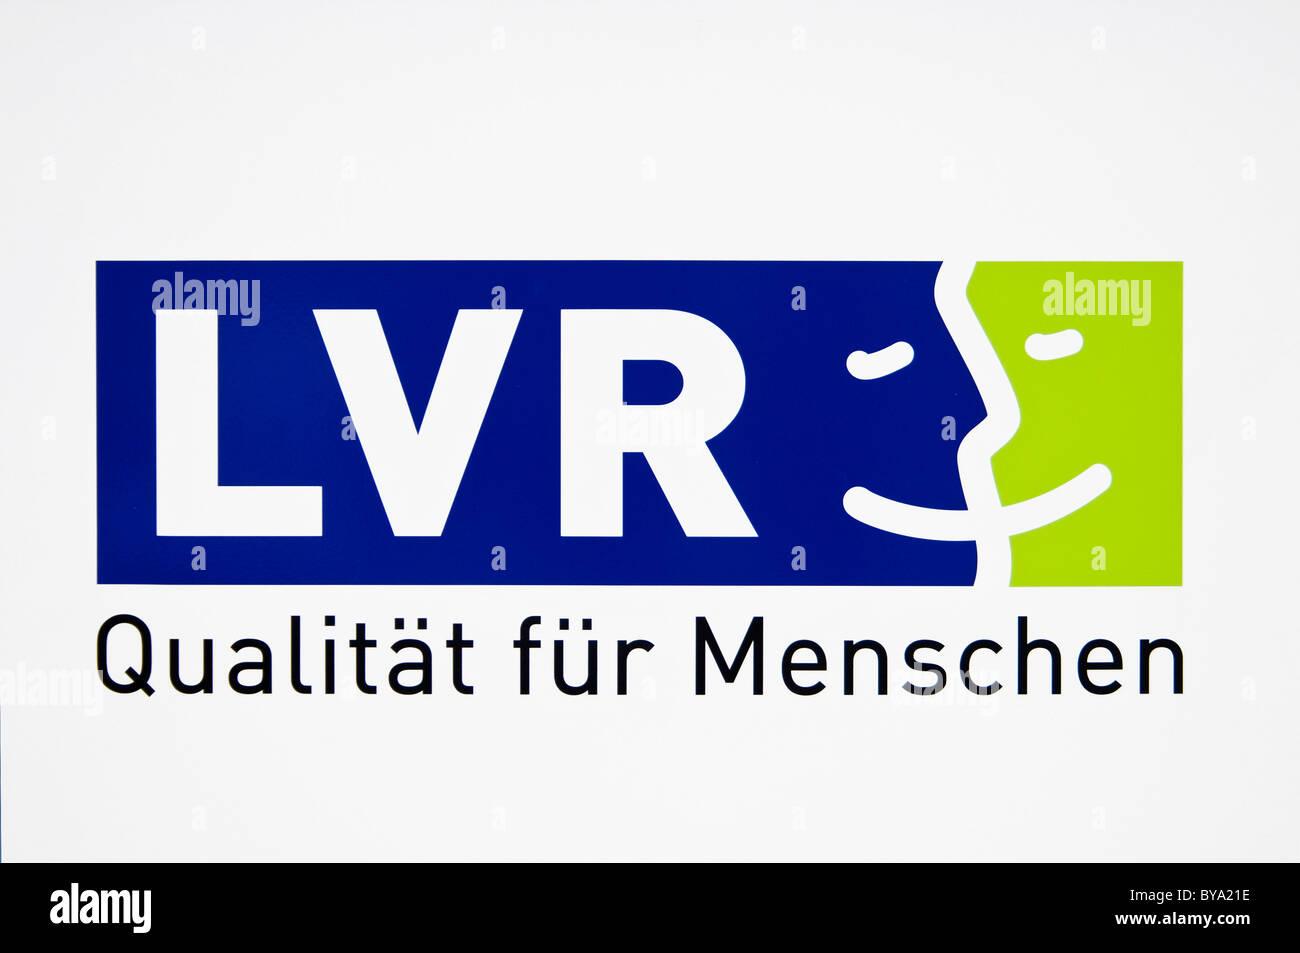 Logo LVR, Landschaftsverband Rheinland, regional association with the slogan, Qualitaet fuer Menschen - Stock Image